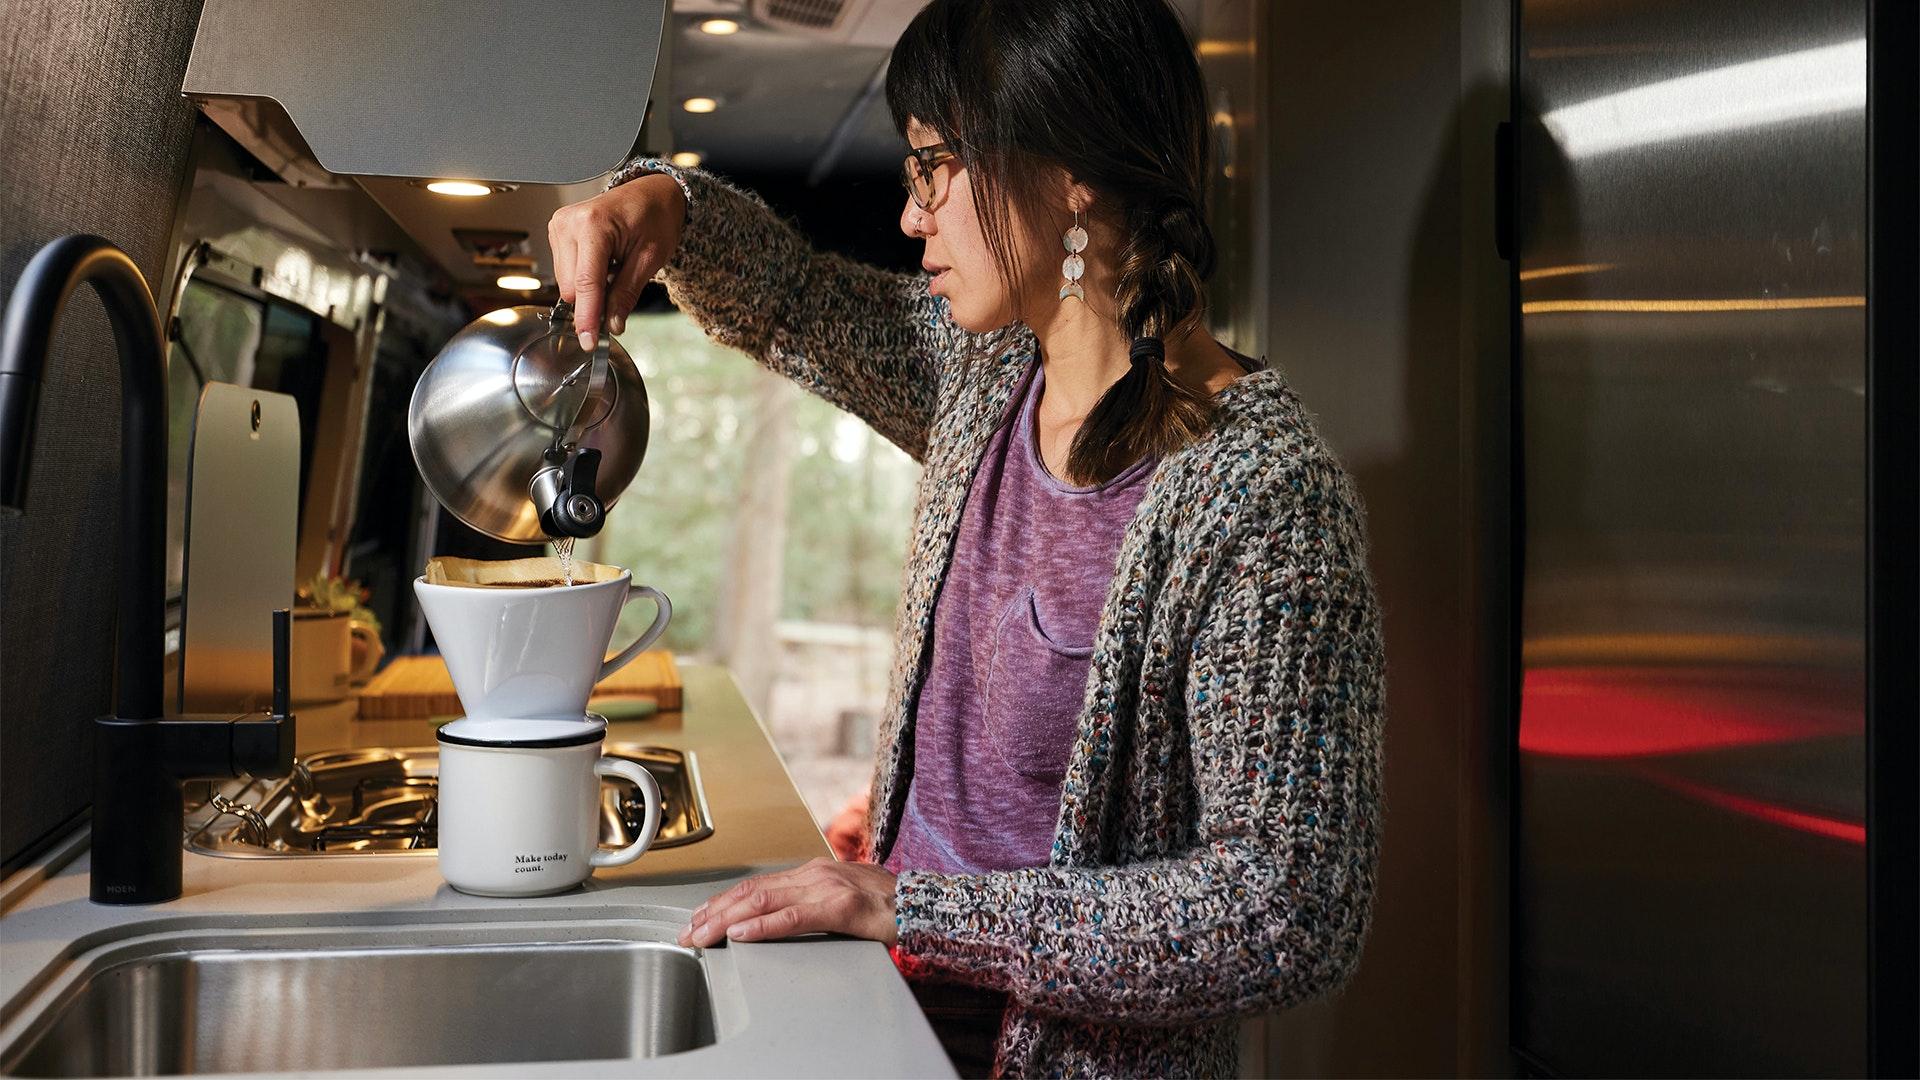 Airstream-Interstate-24X-Kitchen-Lifestyle-1